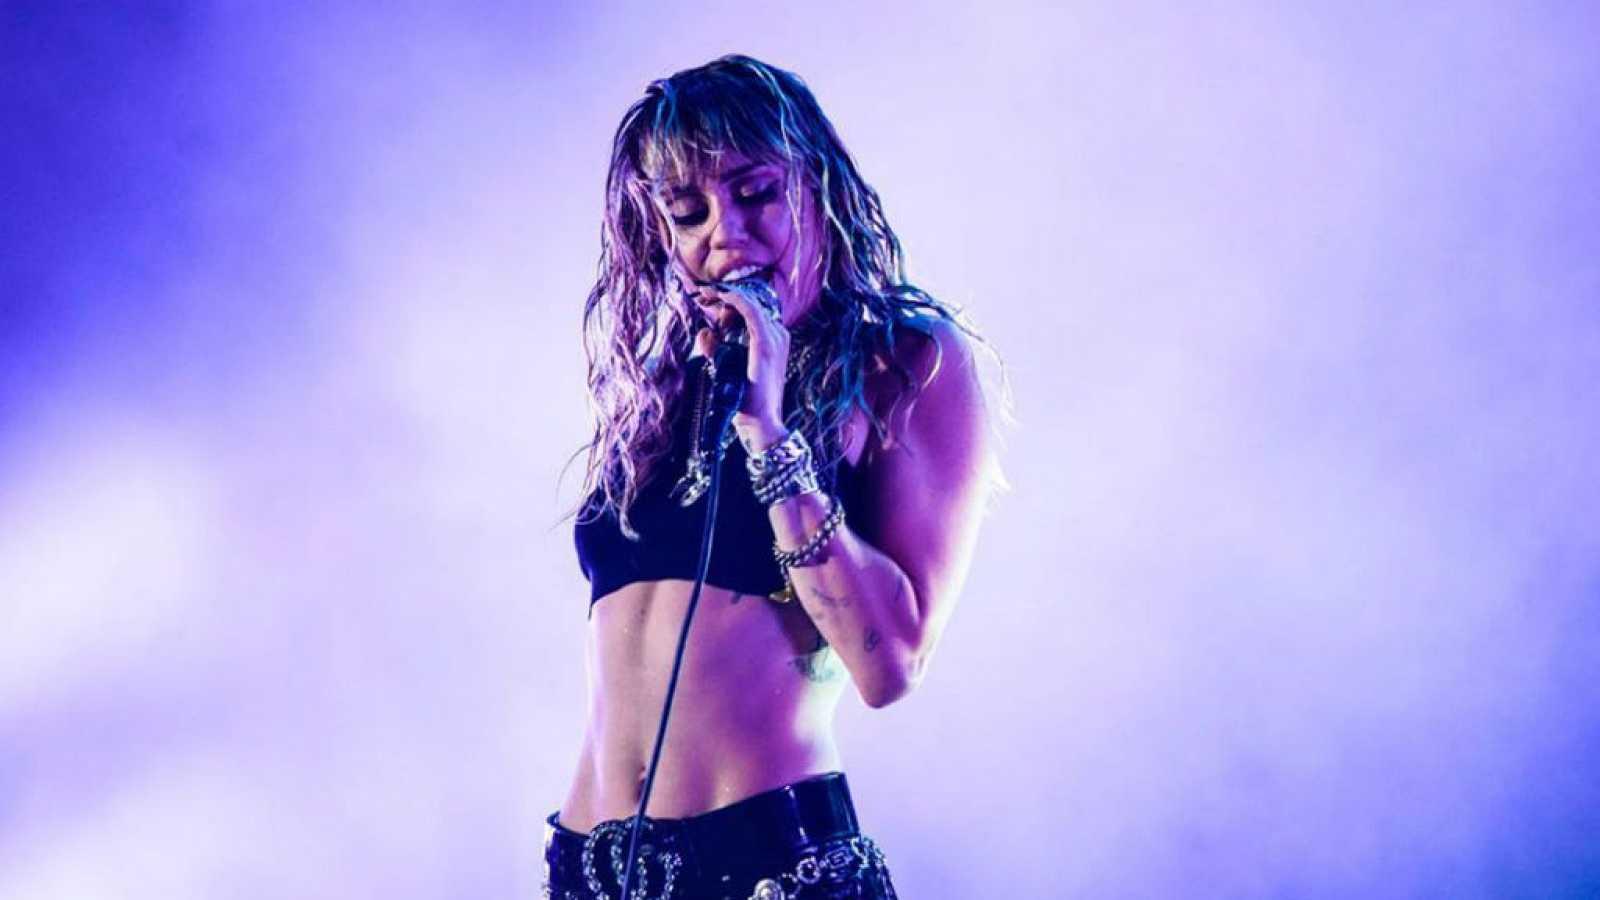 Corazón - La última canción de Miley Cyrus: ¿sobre su ruptura con ...